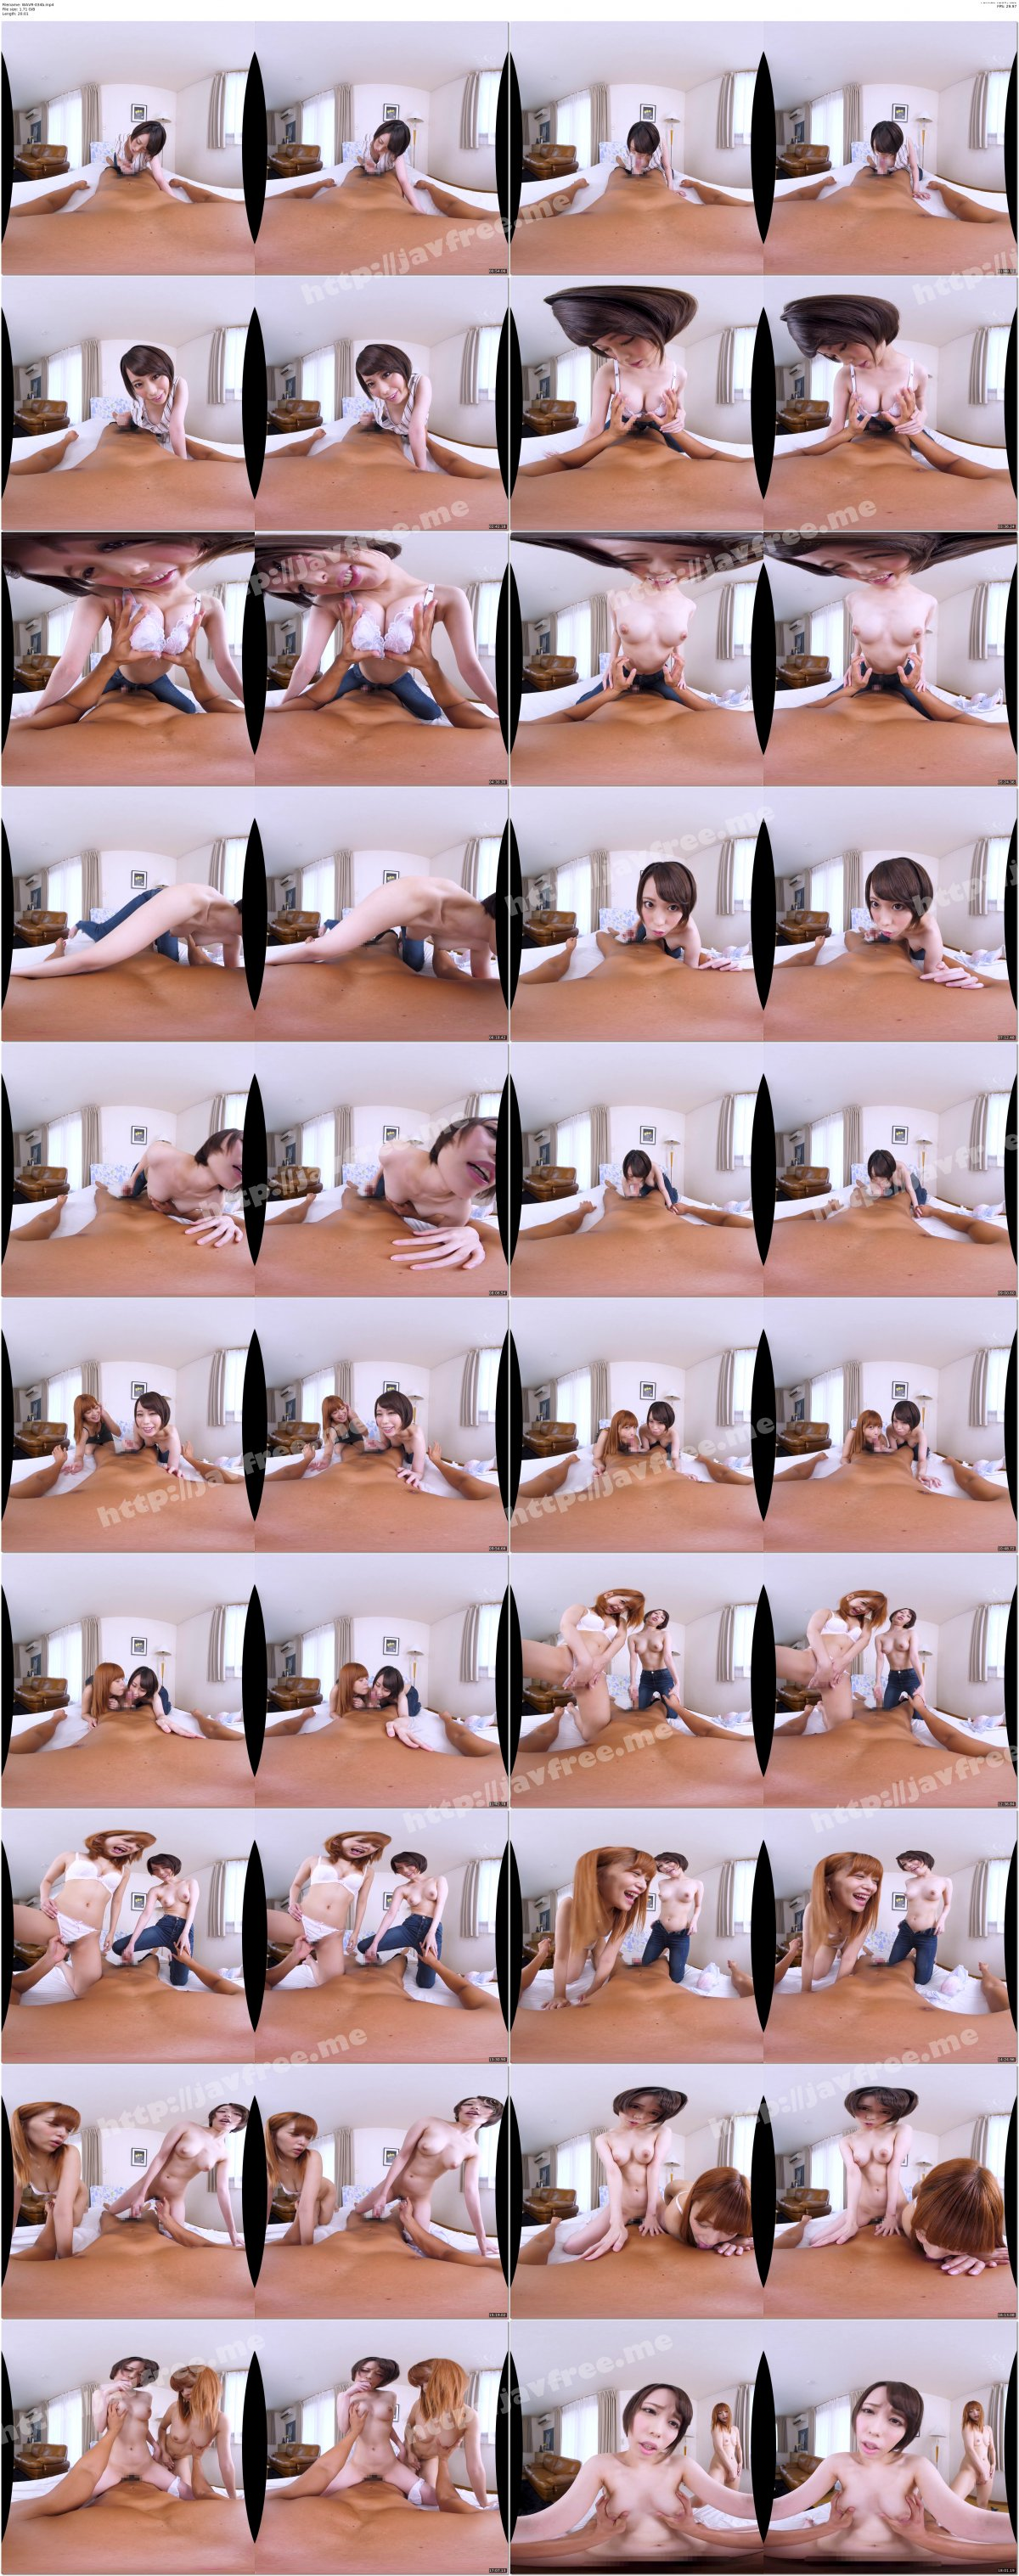 [WAVR-034] 【VR】3人の姉が朝・昼・晩。ところかまわず僕のチ○ポを狙ってきます…。 「おはよう」から「おやすみ」まで、ドスケベ三姉妹から性欲処理三昧VR!! - image WAVR-034b on https://javfree.me